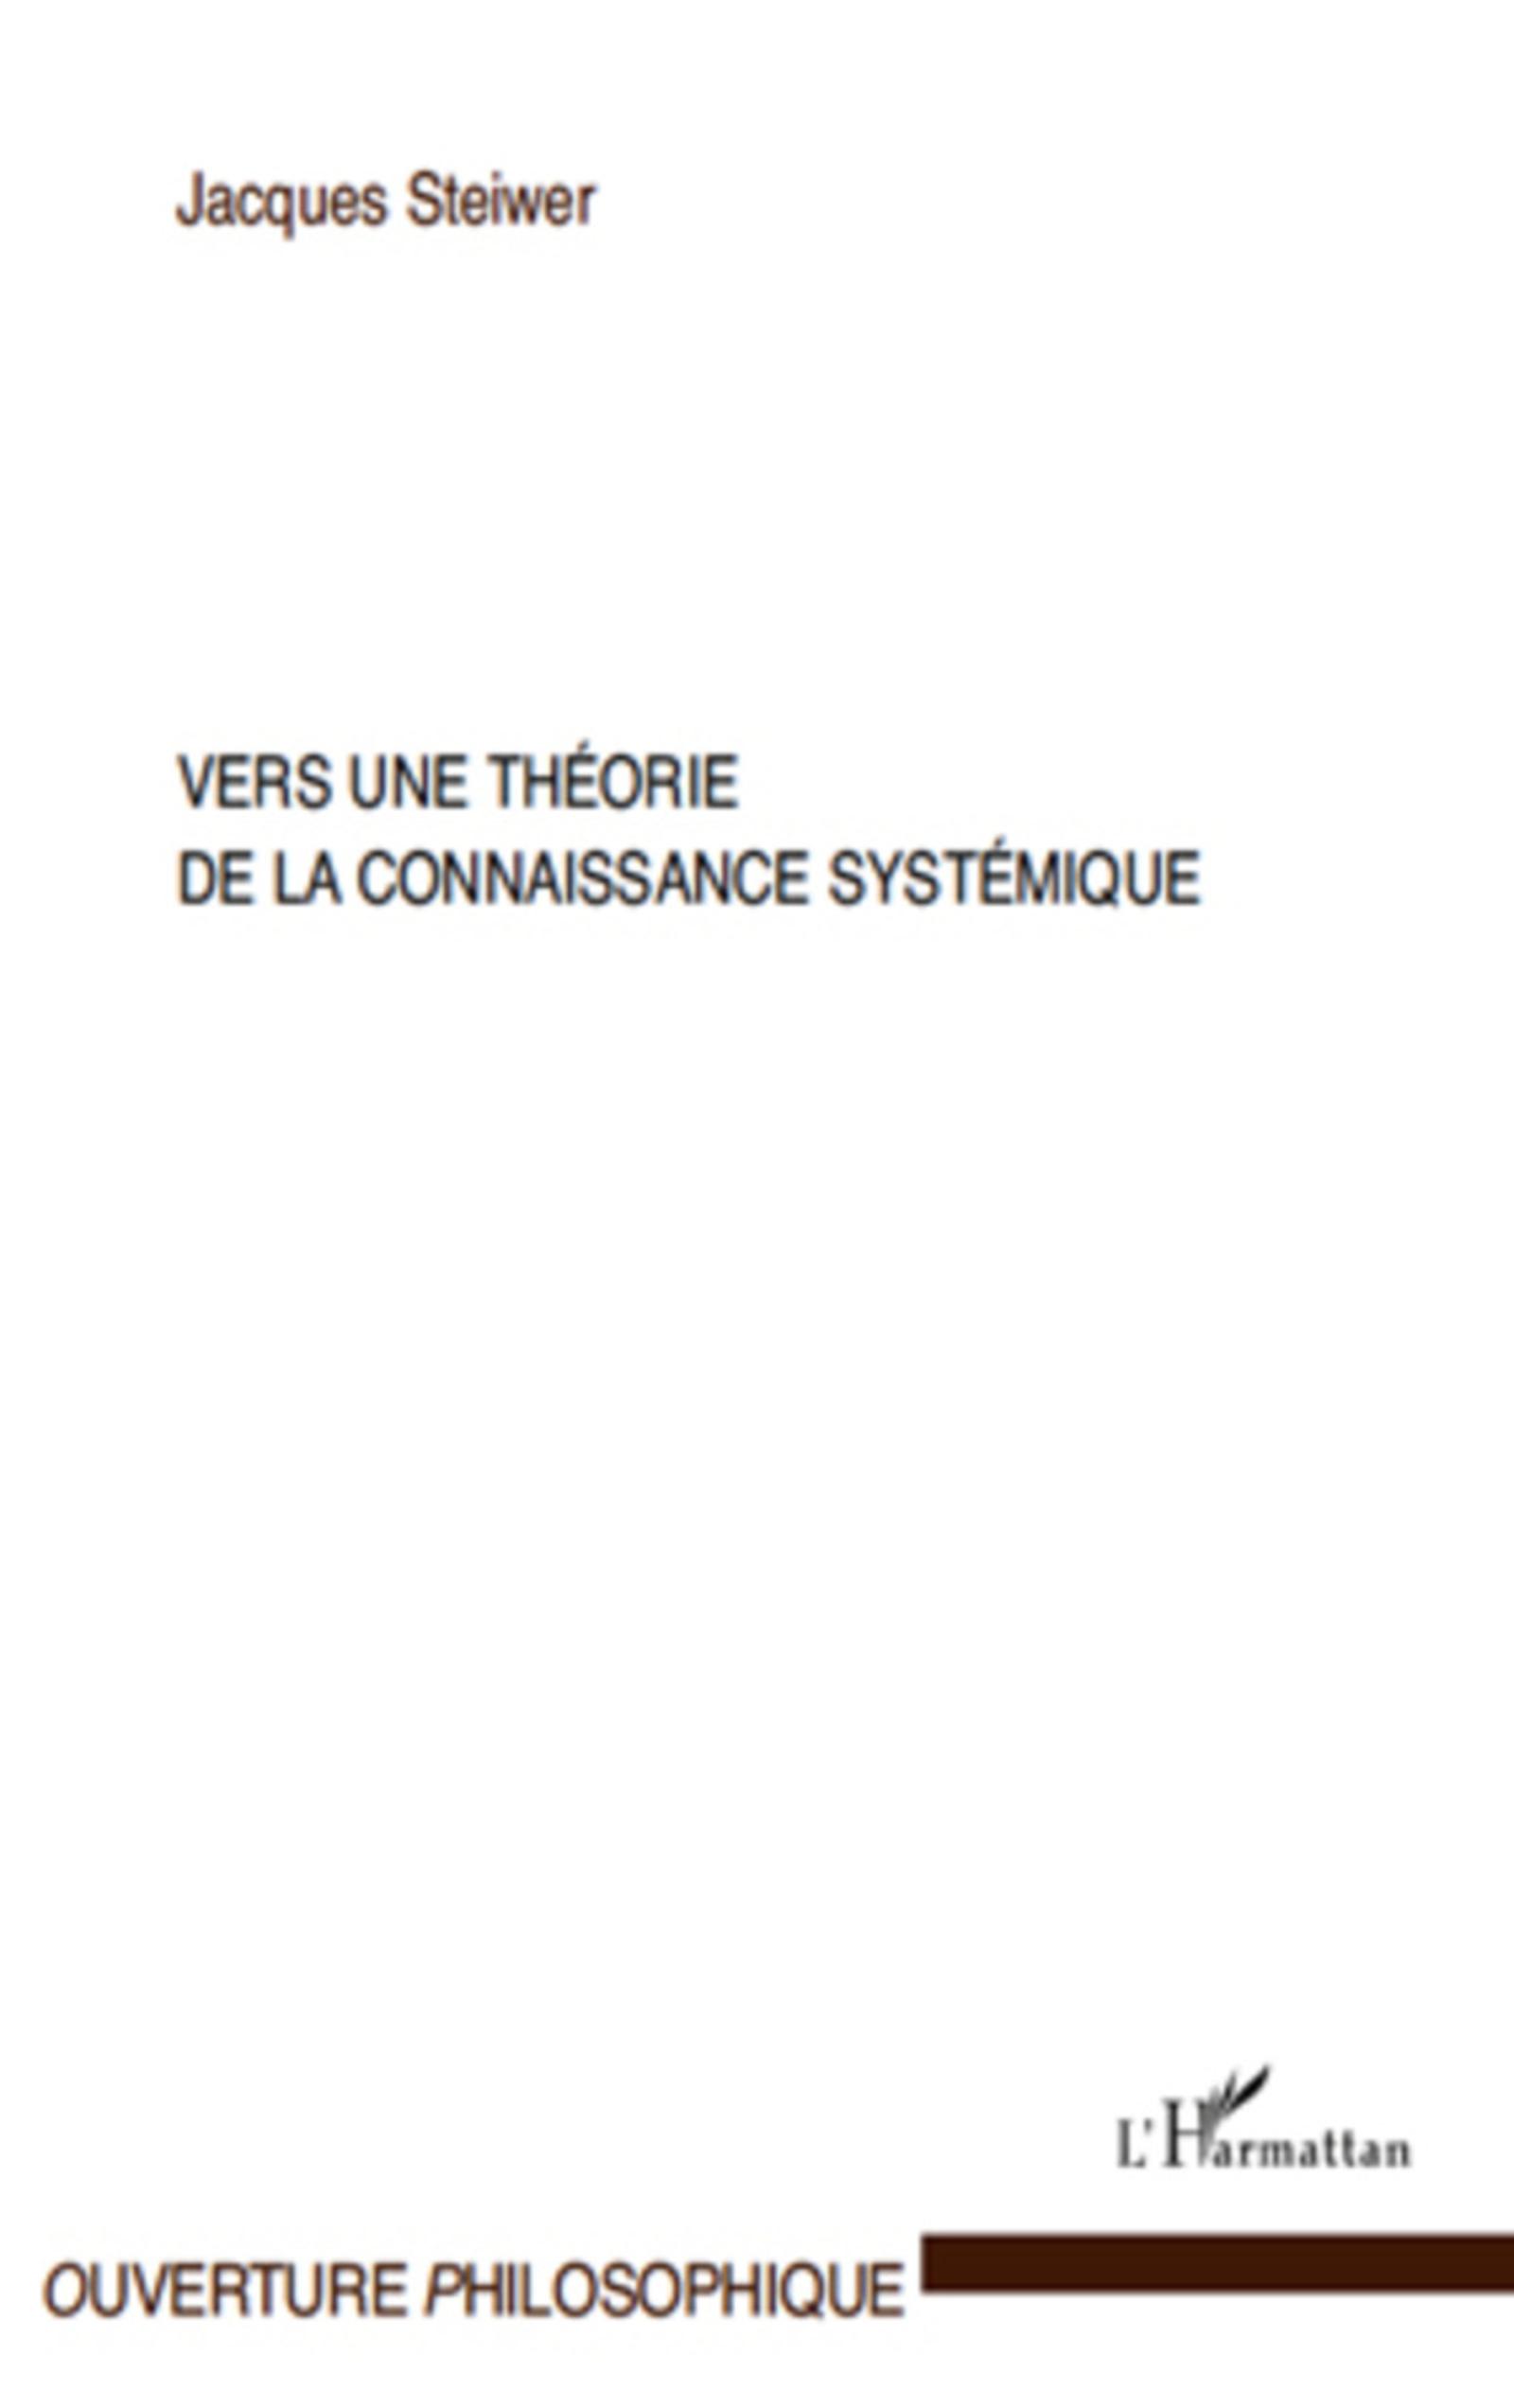 Vers une théorie de